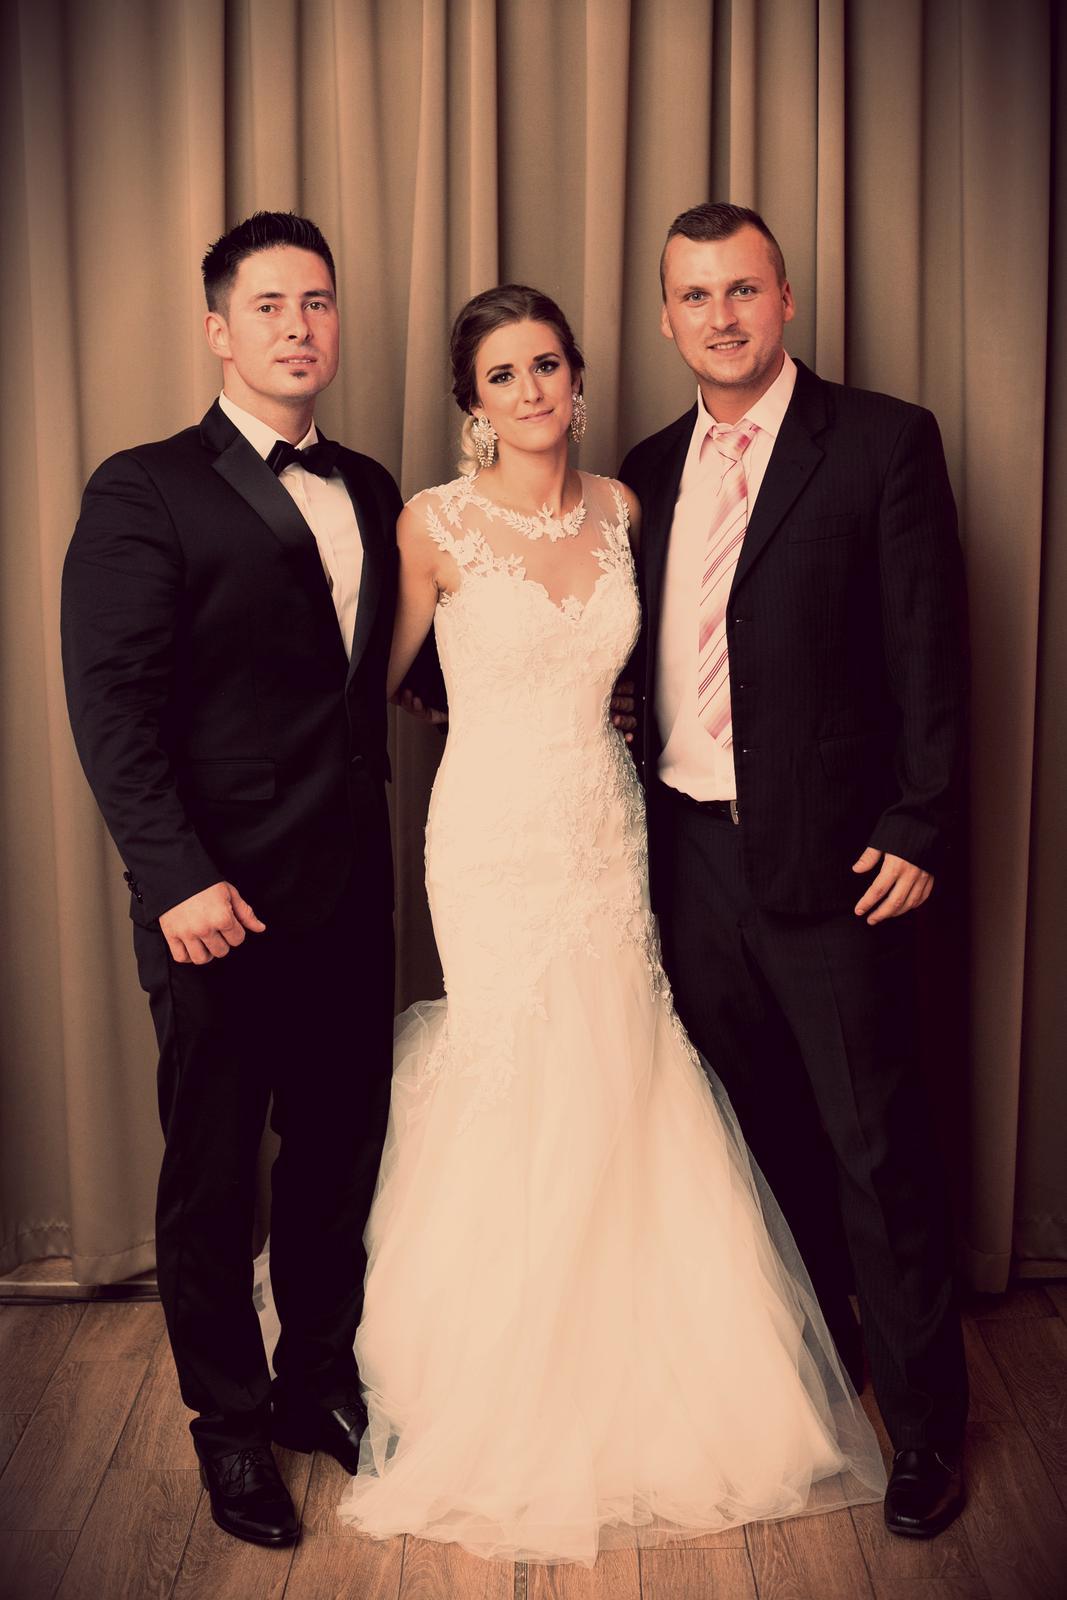 Ahojte My sme mali svadbu... - Obrázok č. 1